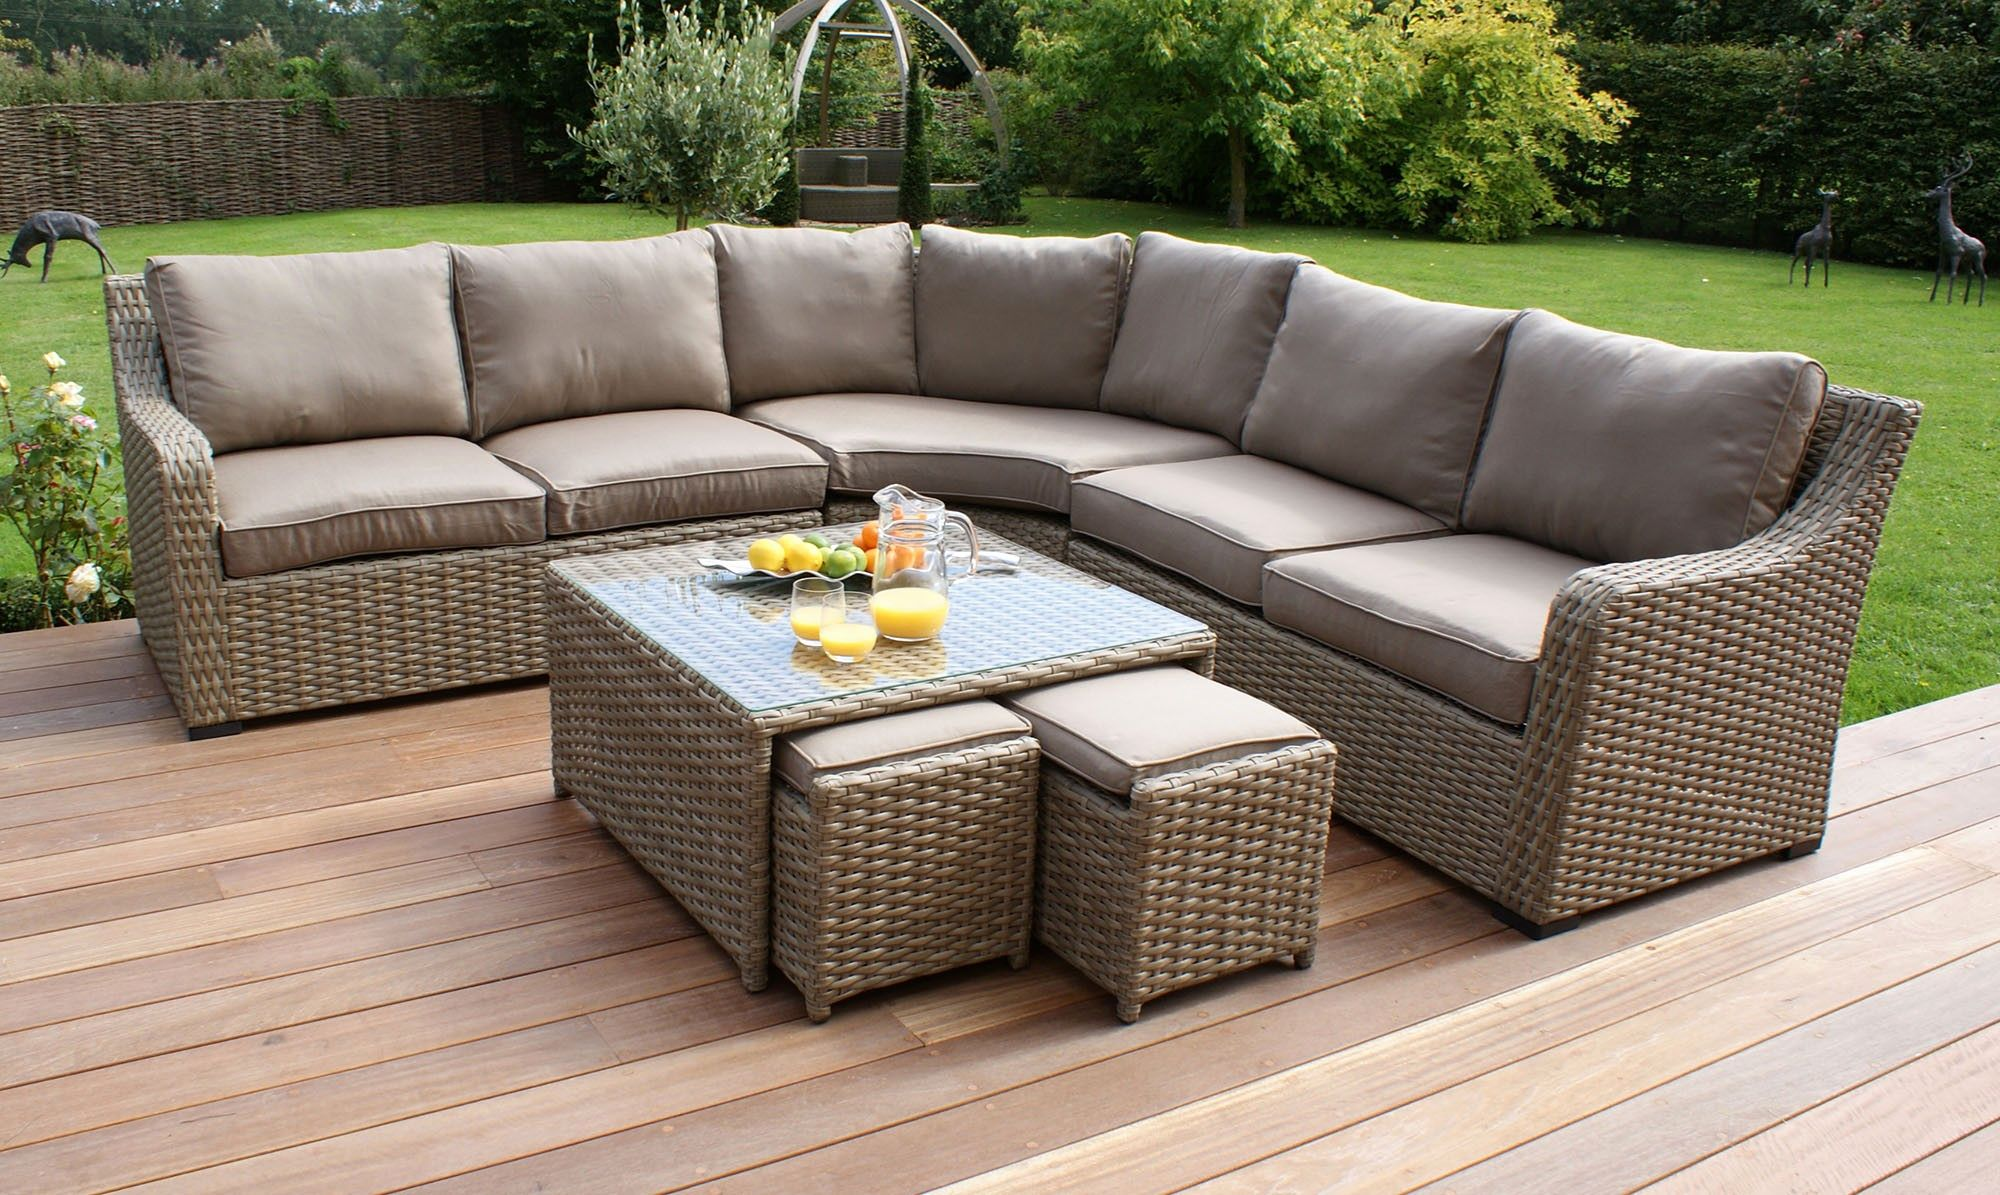 Good Corner sofa Outdoor Furniture Image rattan outdoor corner